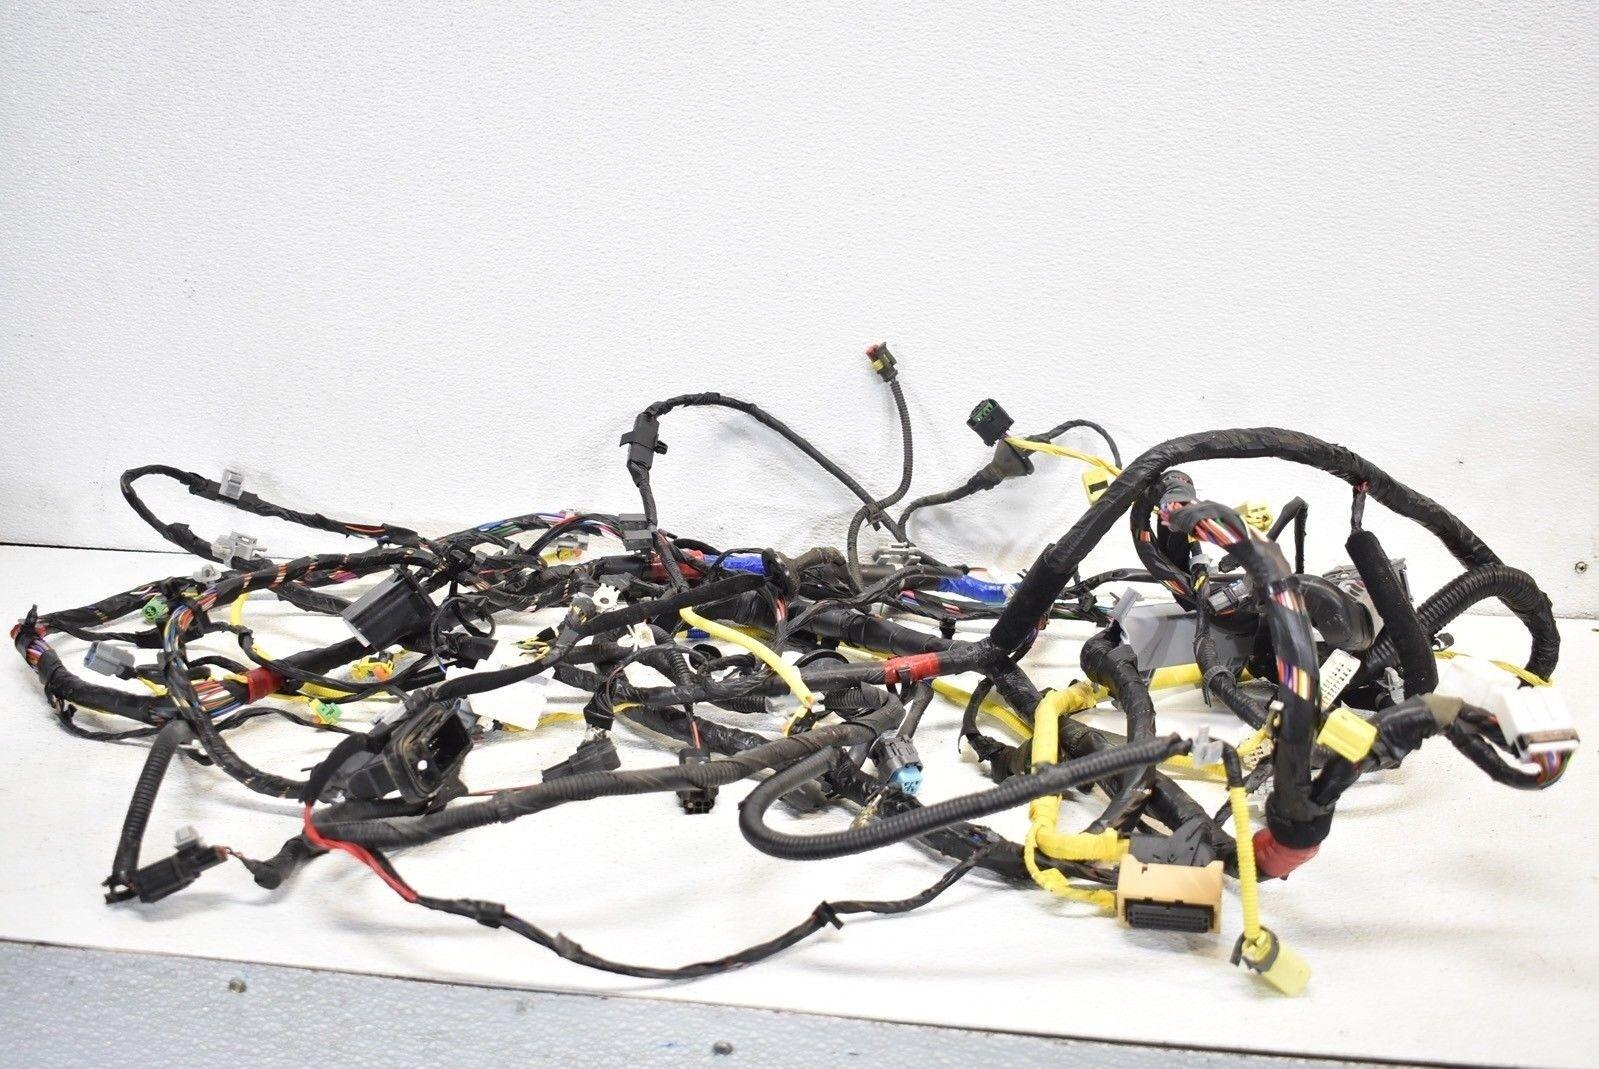 Hyundai Veloster Wiring Harness Turbo Trailer Main Interior Ebay 1599x1069